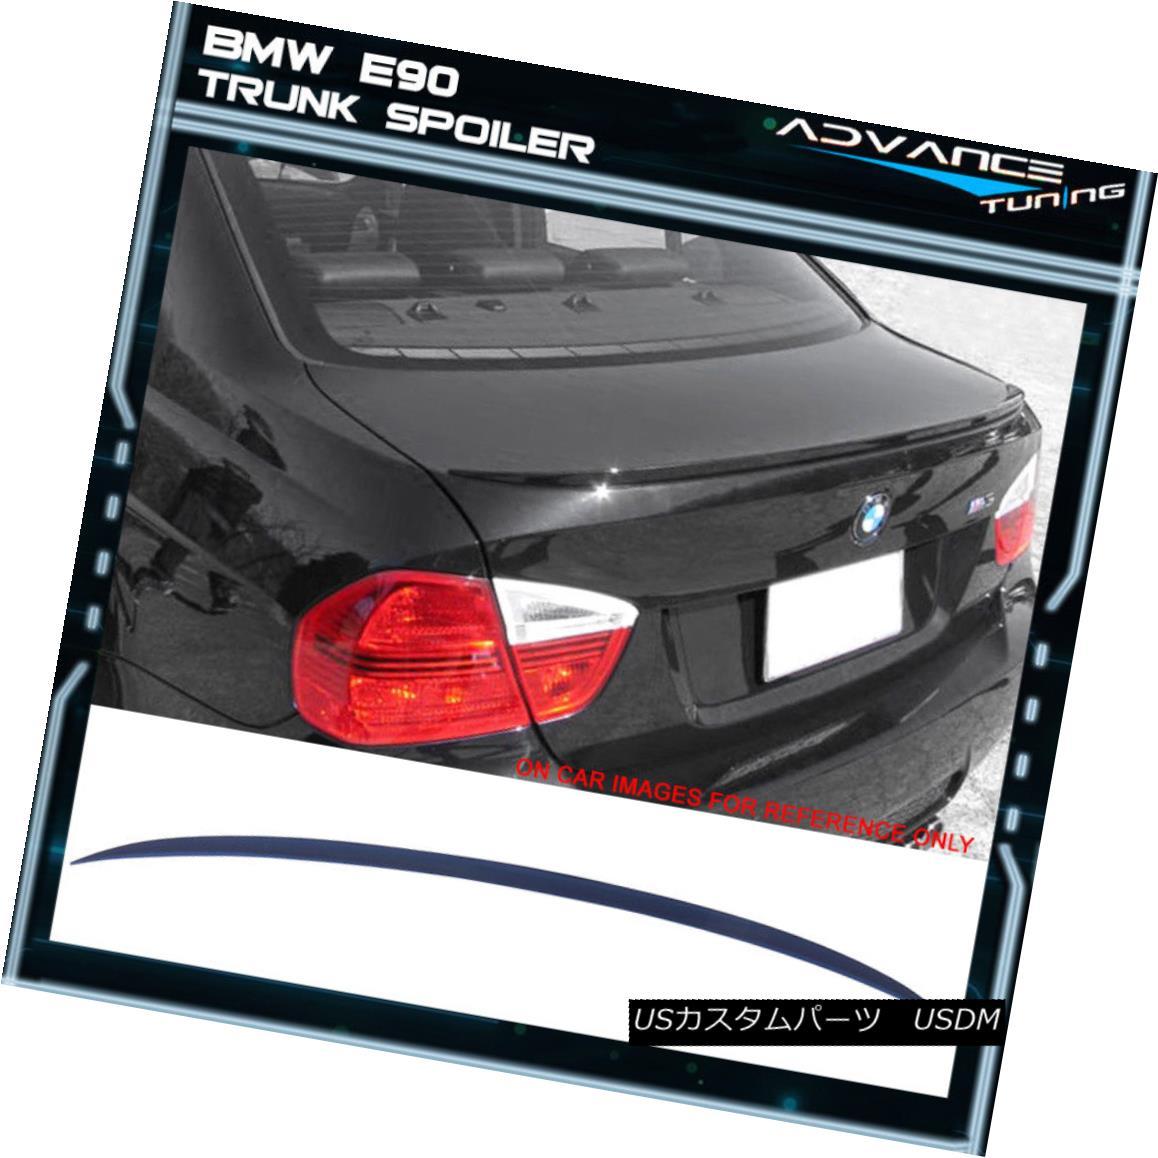 エアロパーツ 06-11 BMW E90 M3 Style Painted #A07 Mystic Blue Metallic Trunk Spoiler - ABS 06-11 BMW E90 M3スタイル塗装#A07ミスティックブルーメタリックトランクスポイラー - ABS